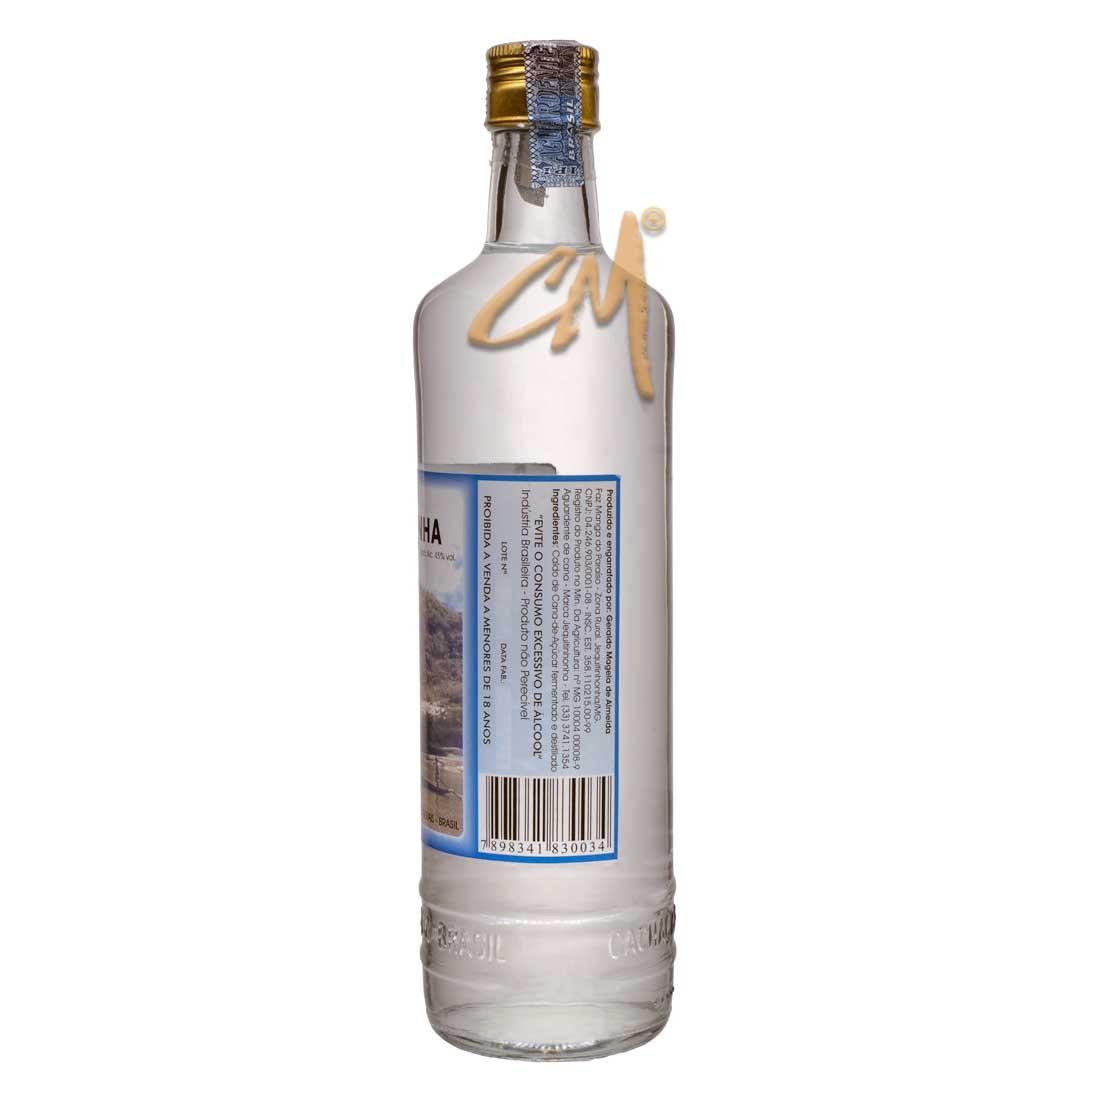 Cachaça Jequitinhonha 700 ml (Jequitinhonha - MG)